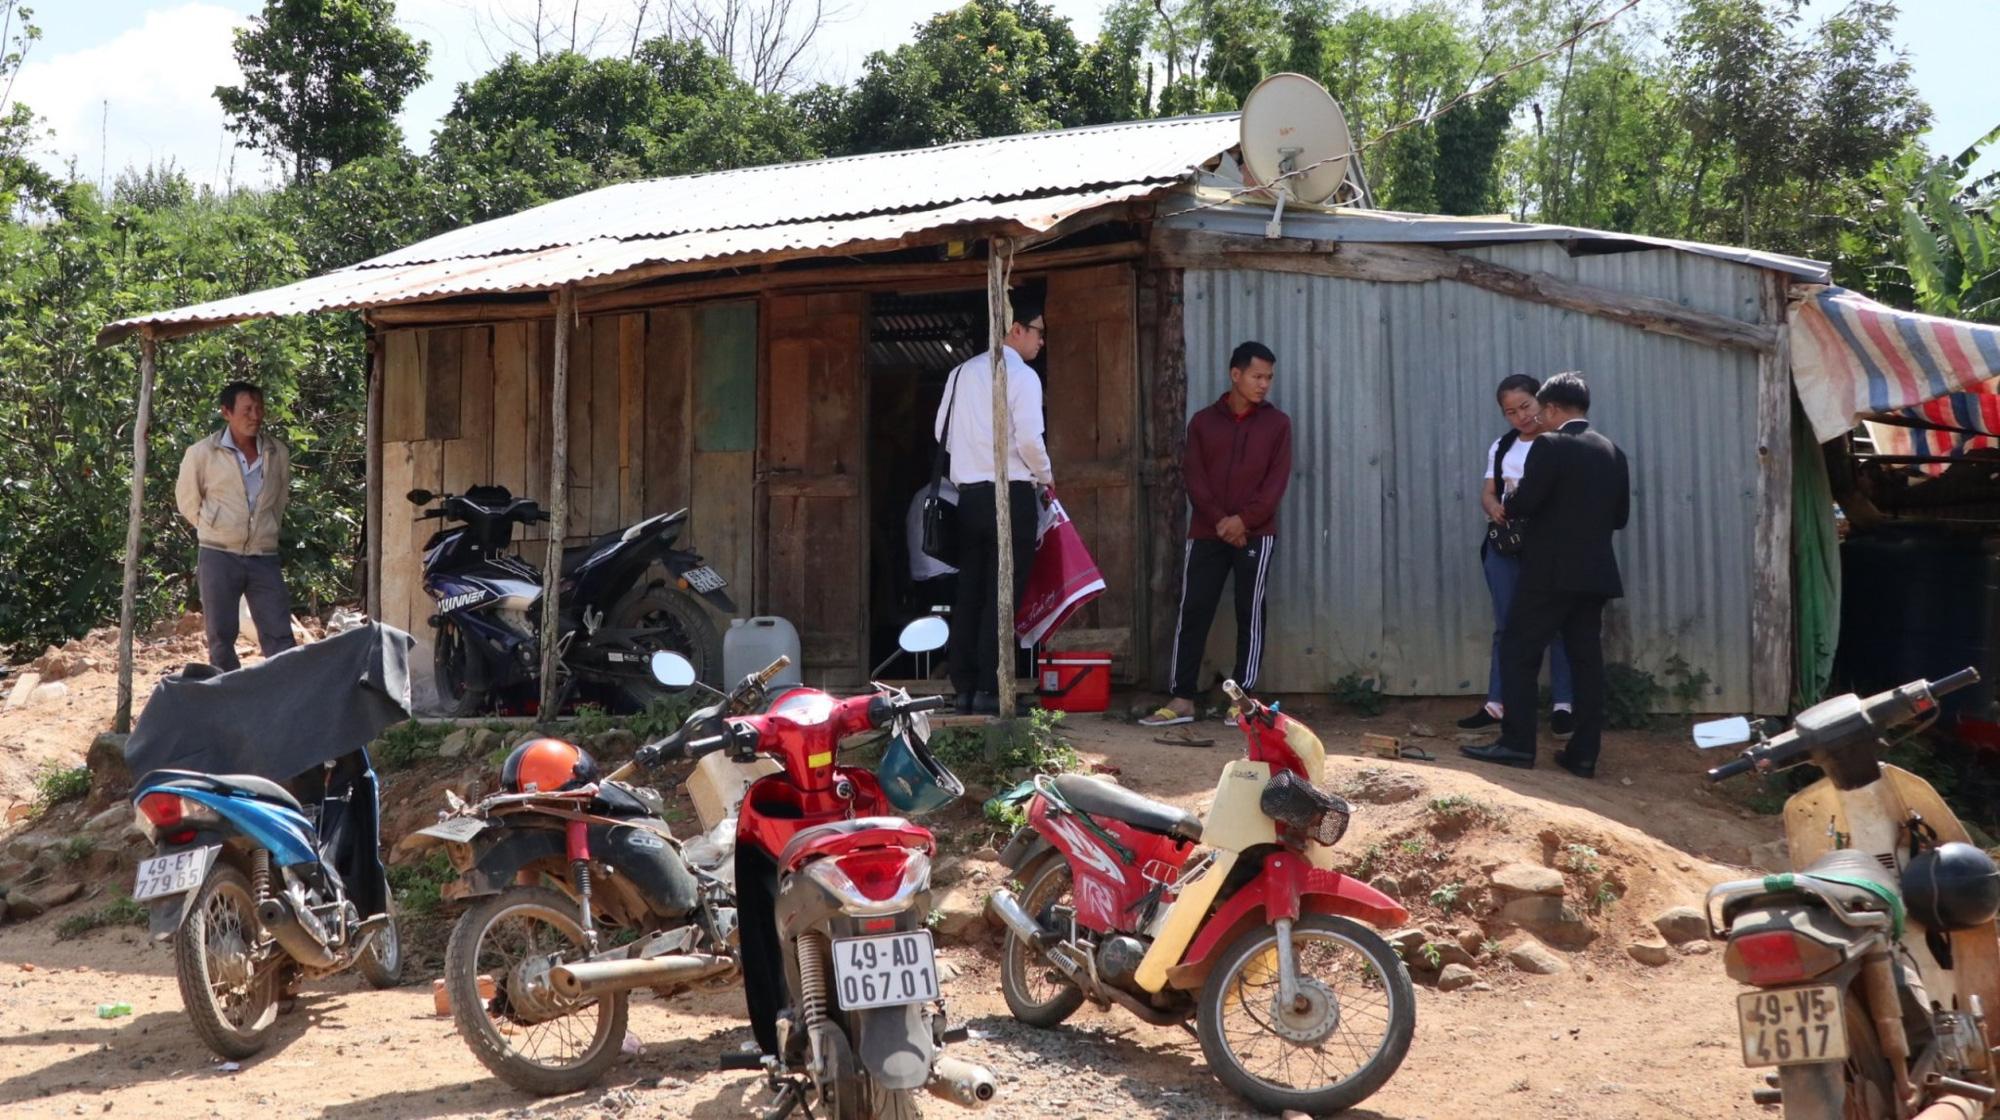 ABIC Đắk Lắk phối hợp với Agribank Lâm Đồng tạm ứng bồi thường 100 triệu đồng trong vụ ô tô ủi bay 30m hàng rào - Ảnh 1.